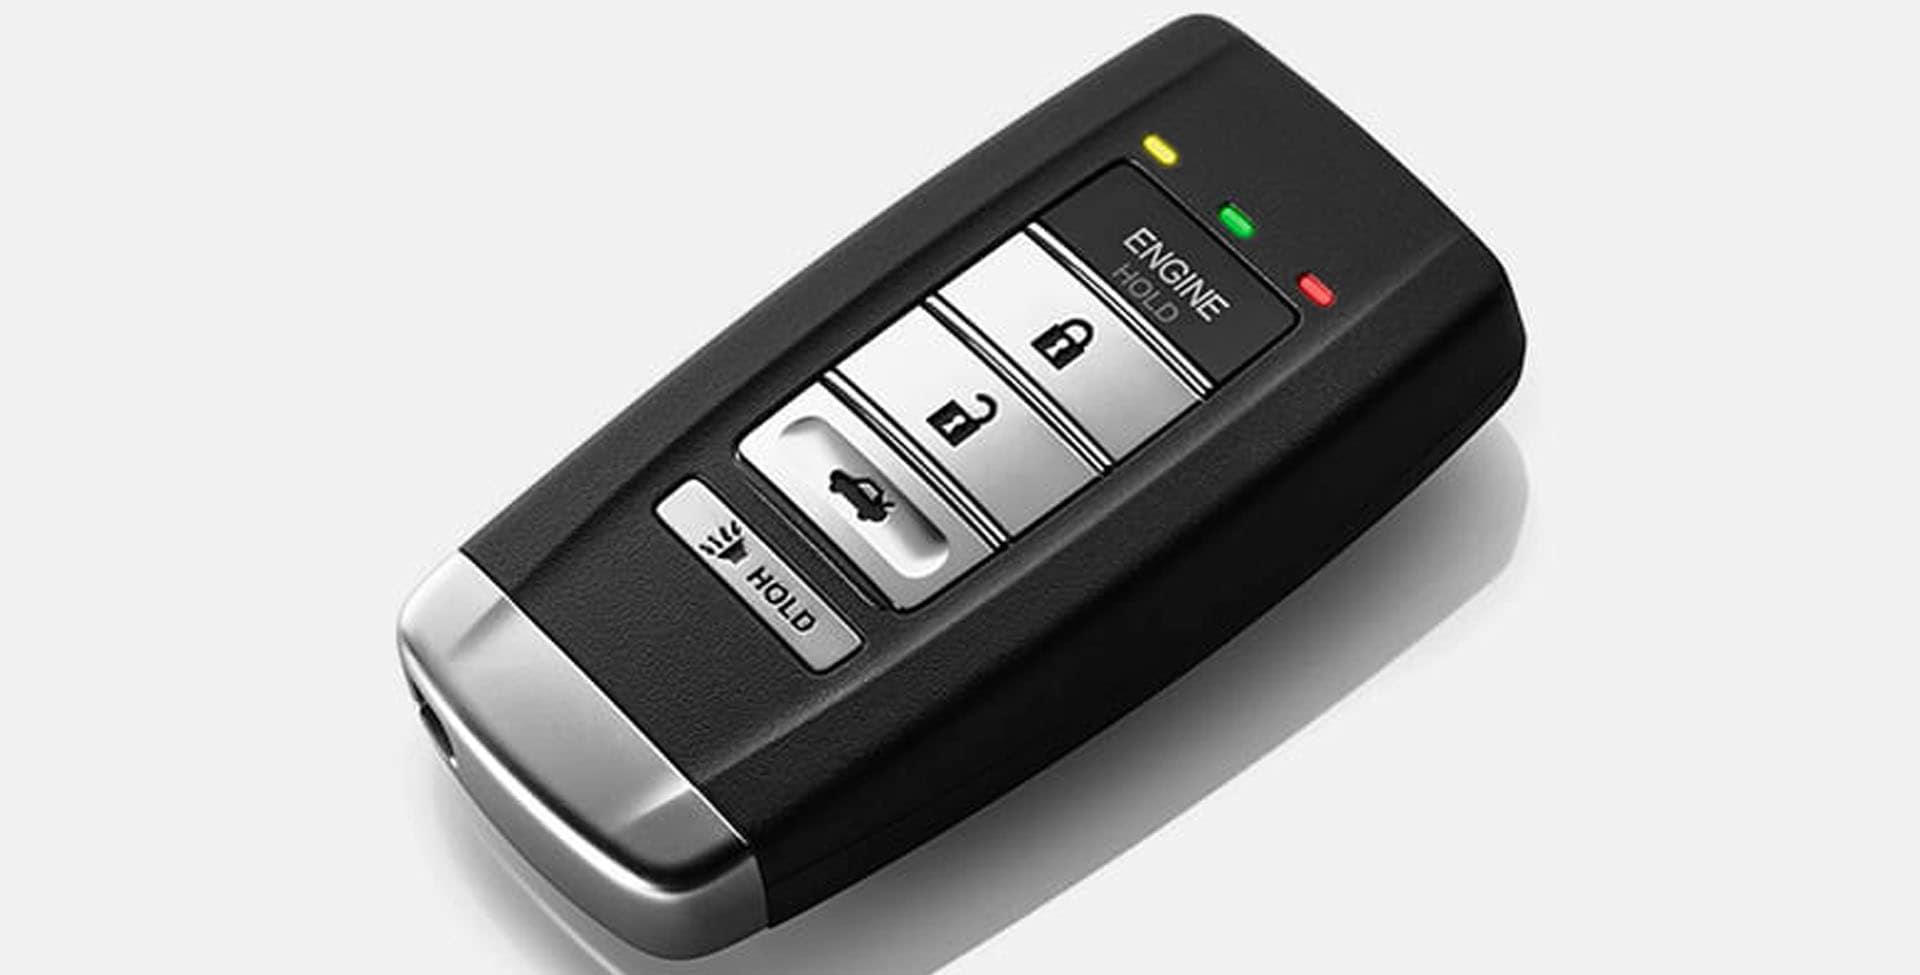 Acura ILX remote starter